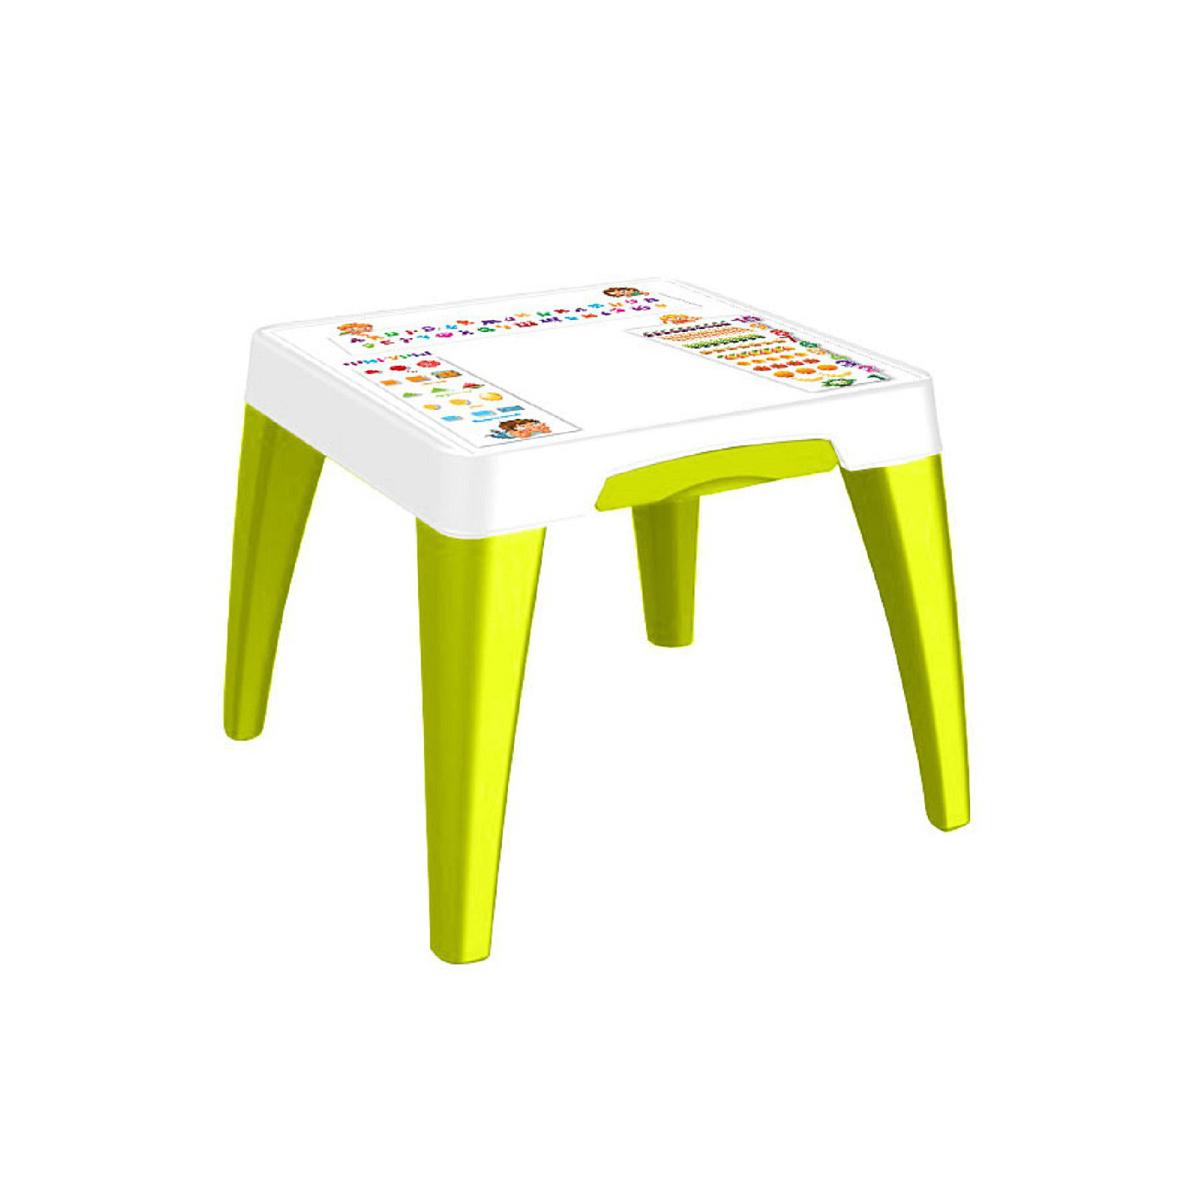 Детский стол - Я расту - Обучайка, салатовыйИгровые столы и стулья<br>Детский стол - Я расту - Обучайка, салатовый<br>